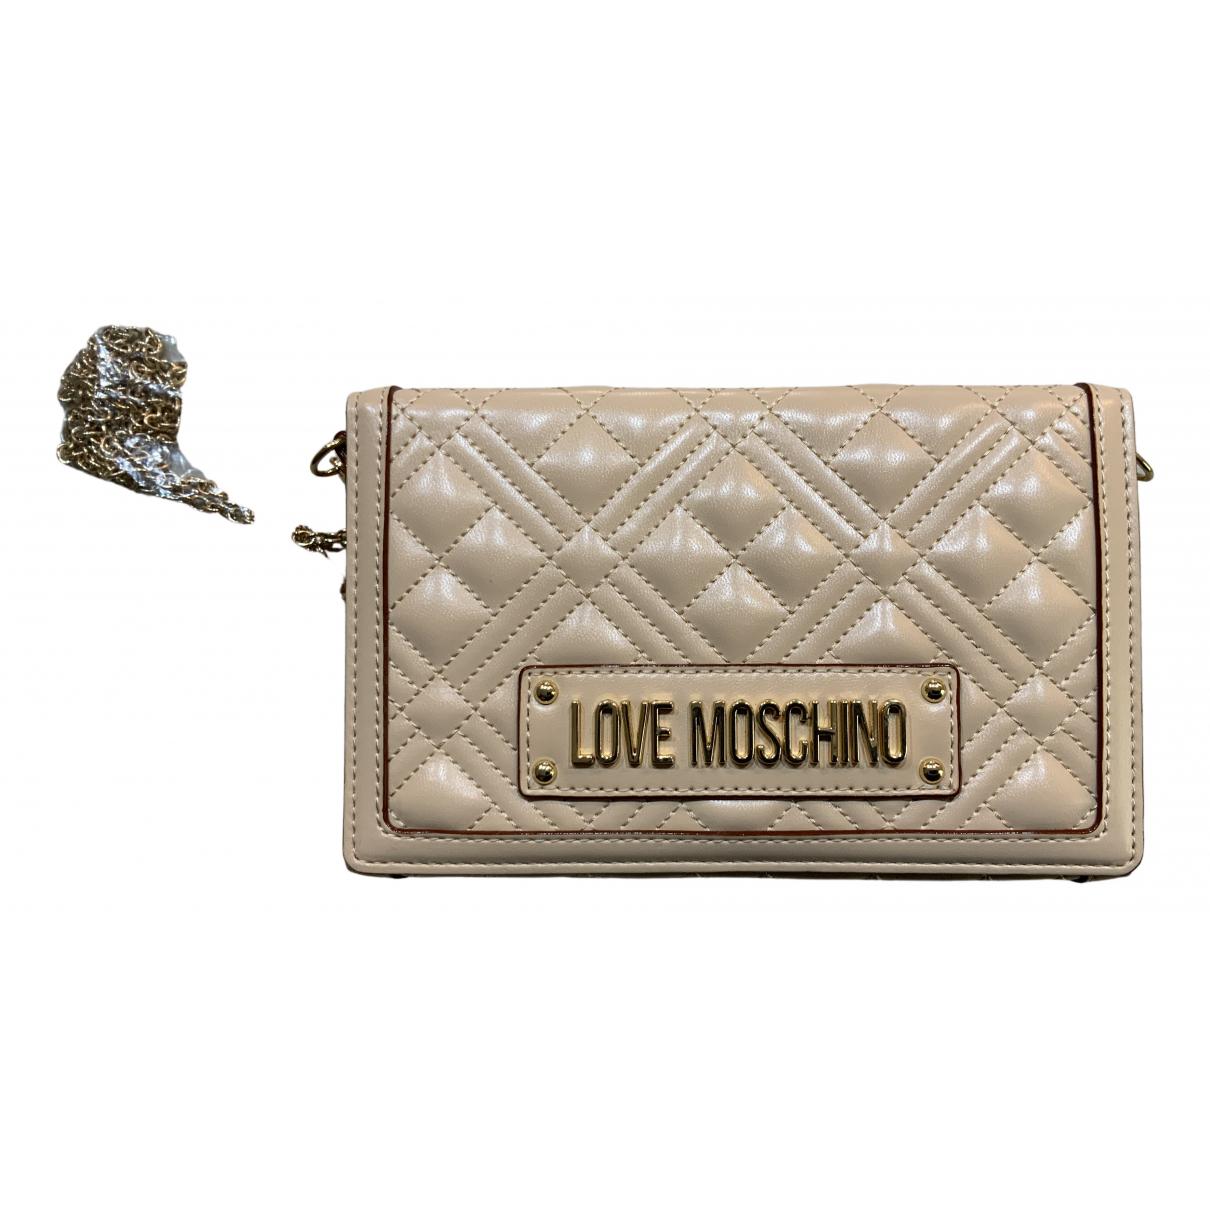 Moschino Love - Sac a main   pour femme en cuir - rose